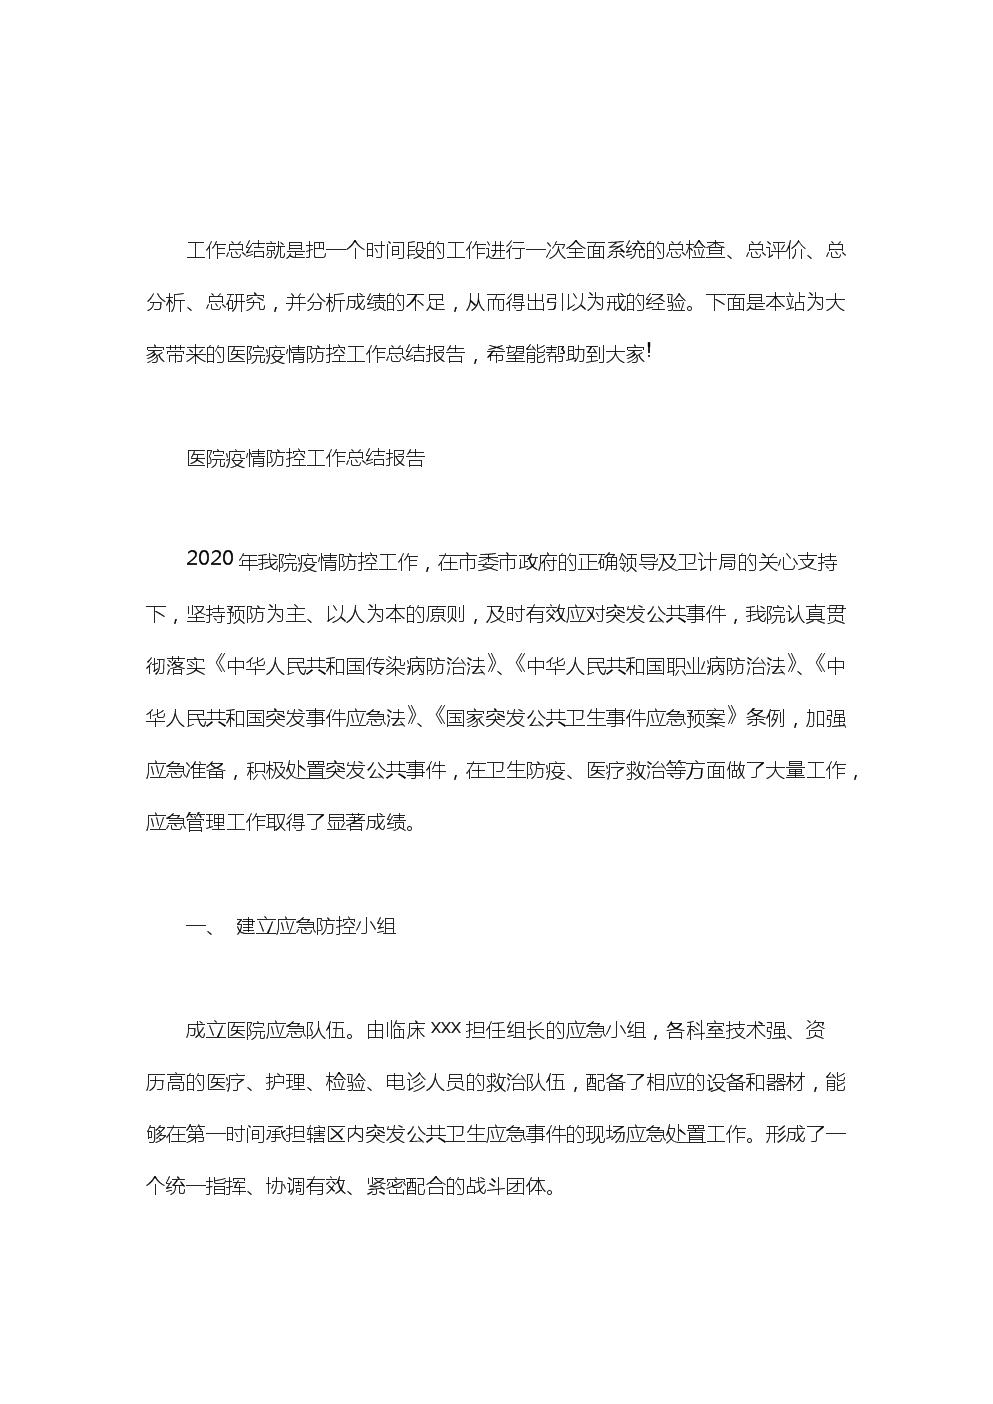 医院疫情防控工作总结报告大全.doc